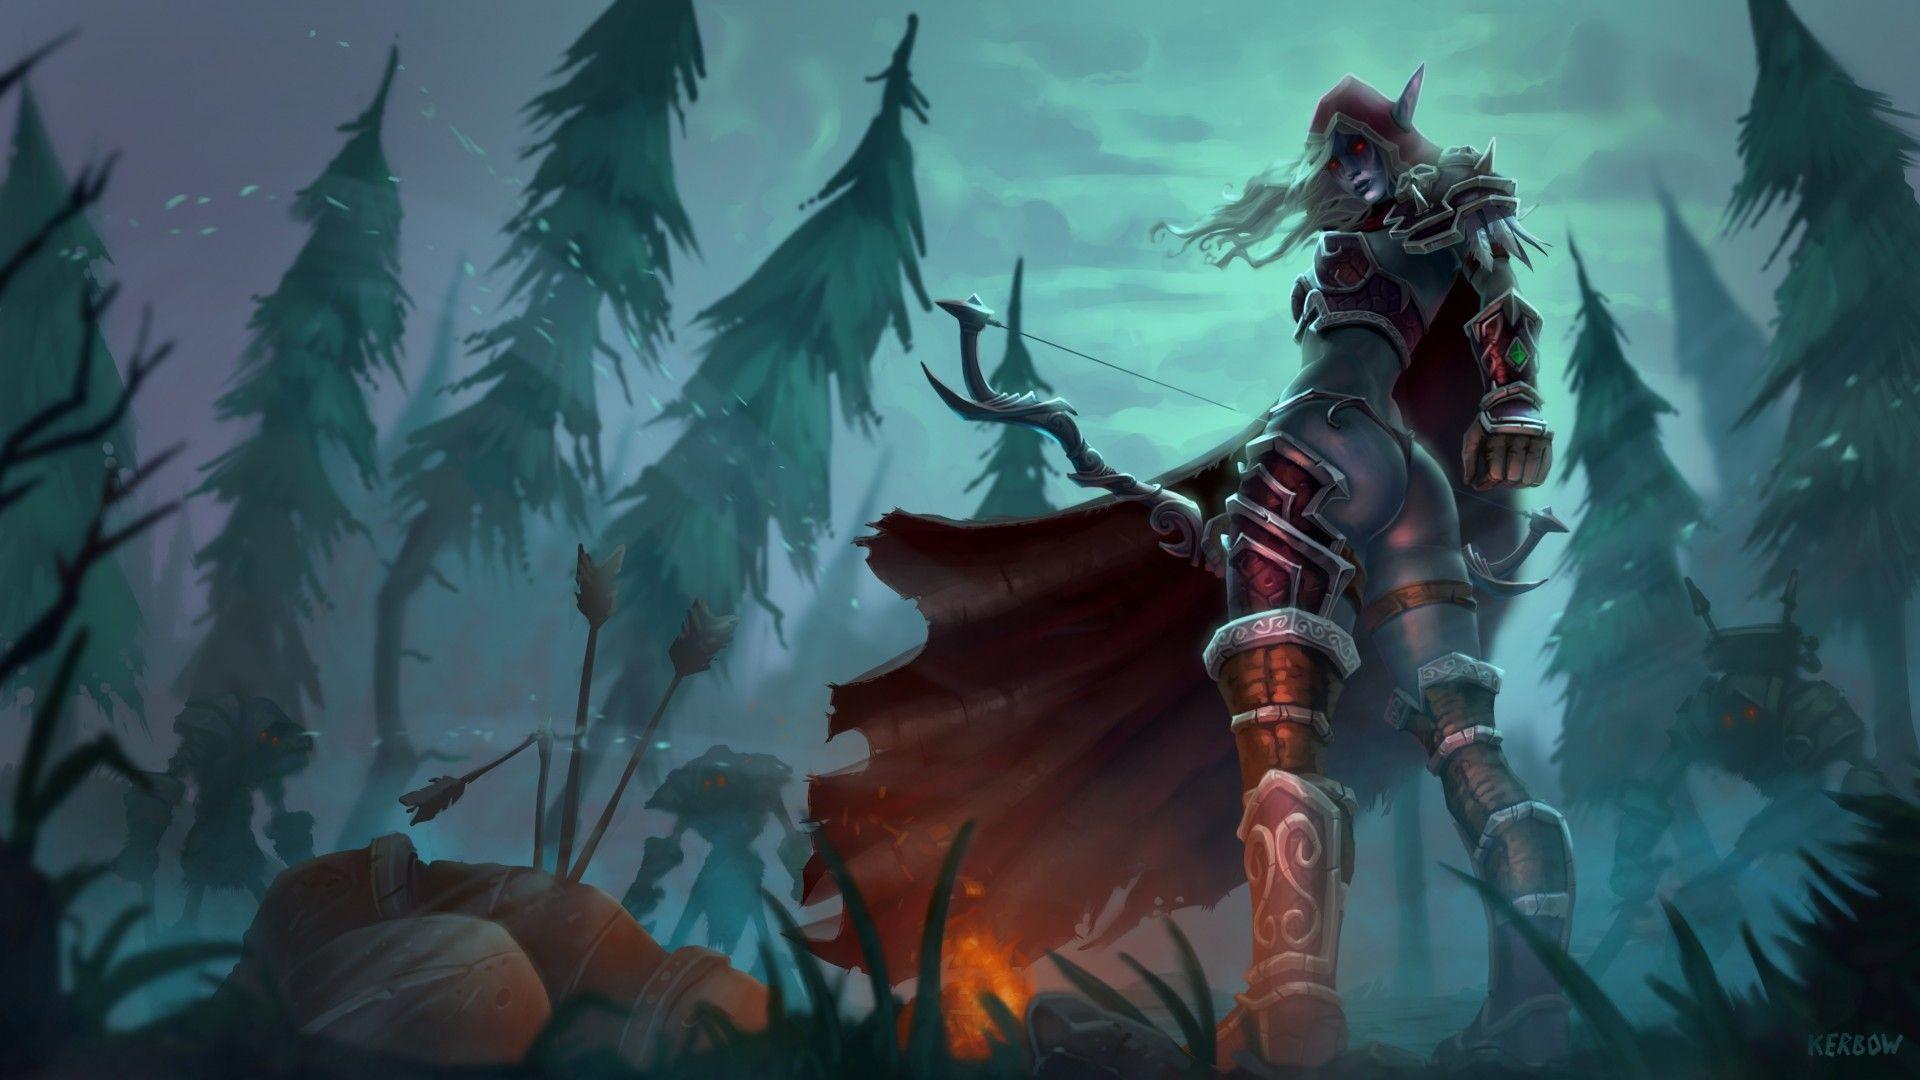 Si no hubiera otra opción, ¿serías capaz de sacrificarte por salvar Azeroth?